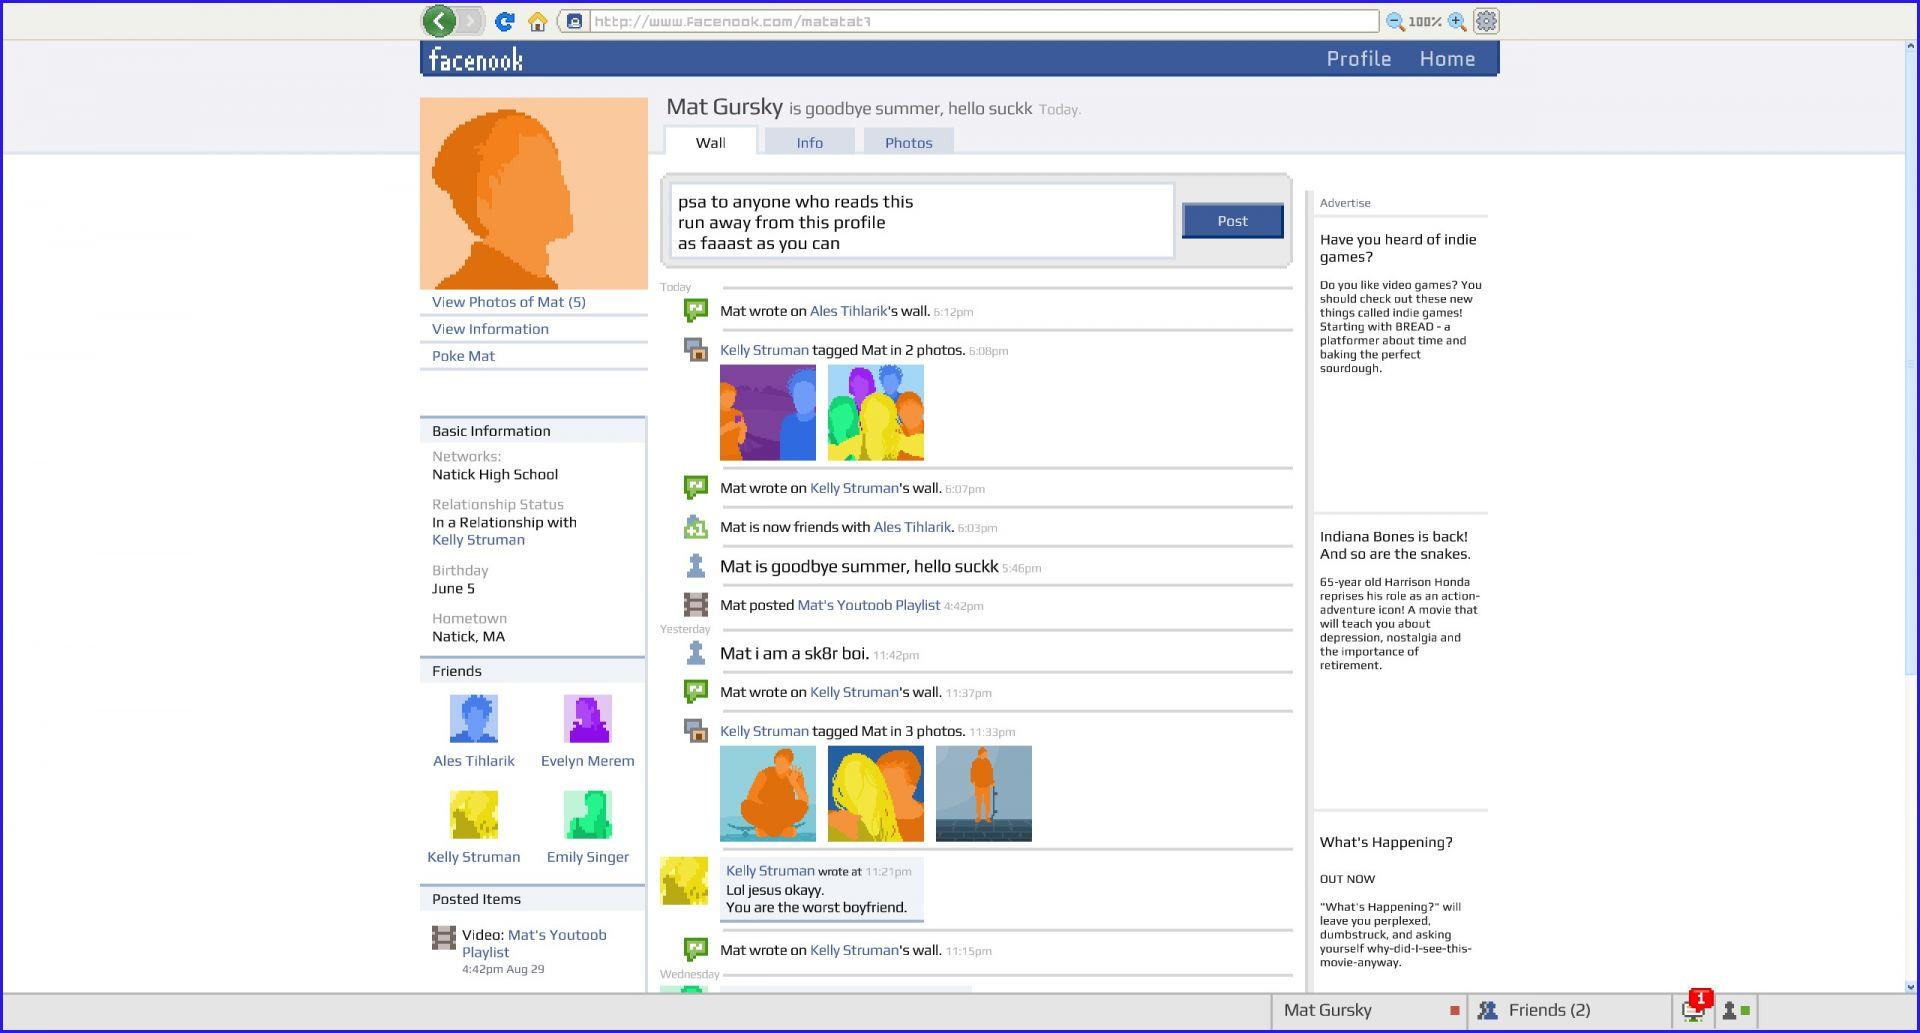 Mimo chatování si občas užijete i psaní statusů na cizí profily, což byla v roce 2008 fantastická zábava